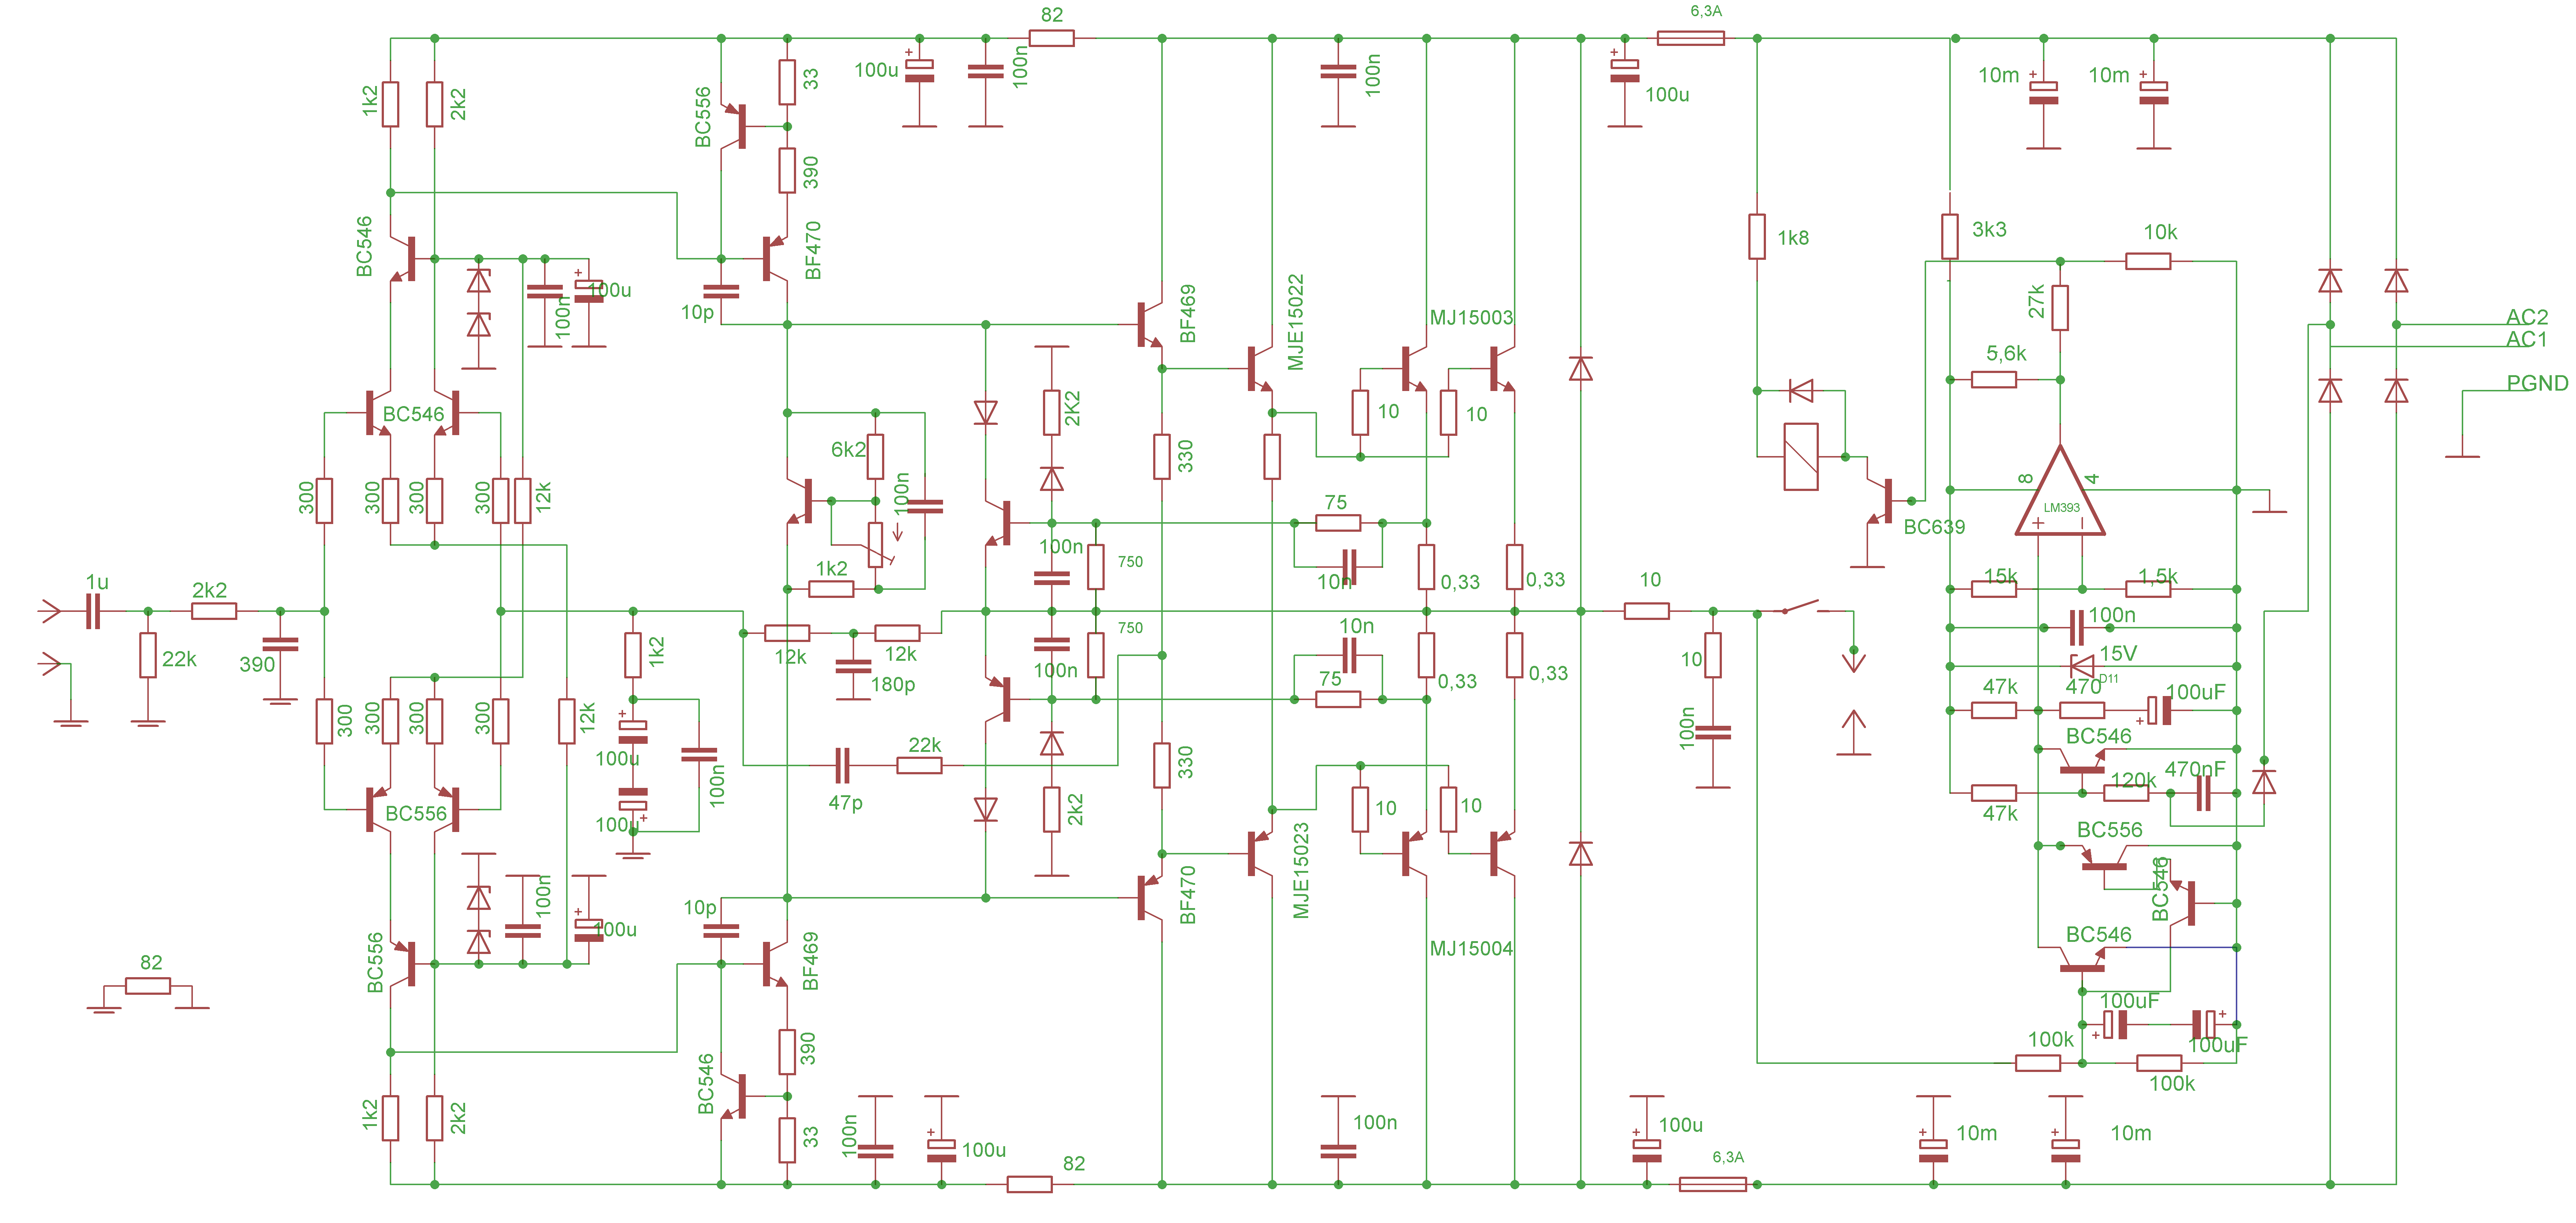 该音频功率放大器的设计包括了电源整流滤波和保护电路,防止放大器输出直流电压和延迟扬声器连接。全部电路被设计到一个电路板上,作为机械设计,可能是复杂的,但它的音质会令你感到欣慰。 技术参数: 输出功率:275W(当电源+-66V) 最小扬声器阻抗:4欧姆 压摆率:35V/us 带宽:8-150000赫兹/-3dB 最大允许电压:+-65V 过滤器容量:2×15G / 80V 直流保护灵敏度:+ /-2V 扬声器延迟连接:2秒 熔断器:2X 6.